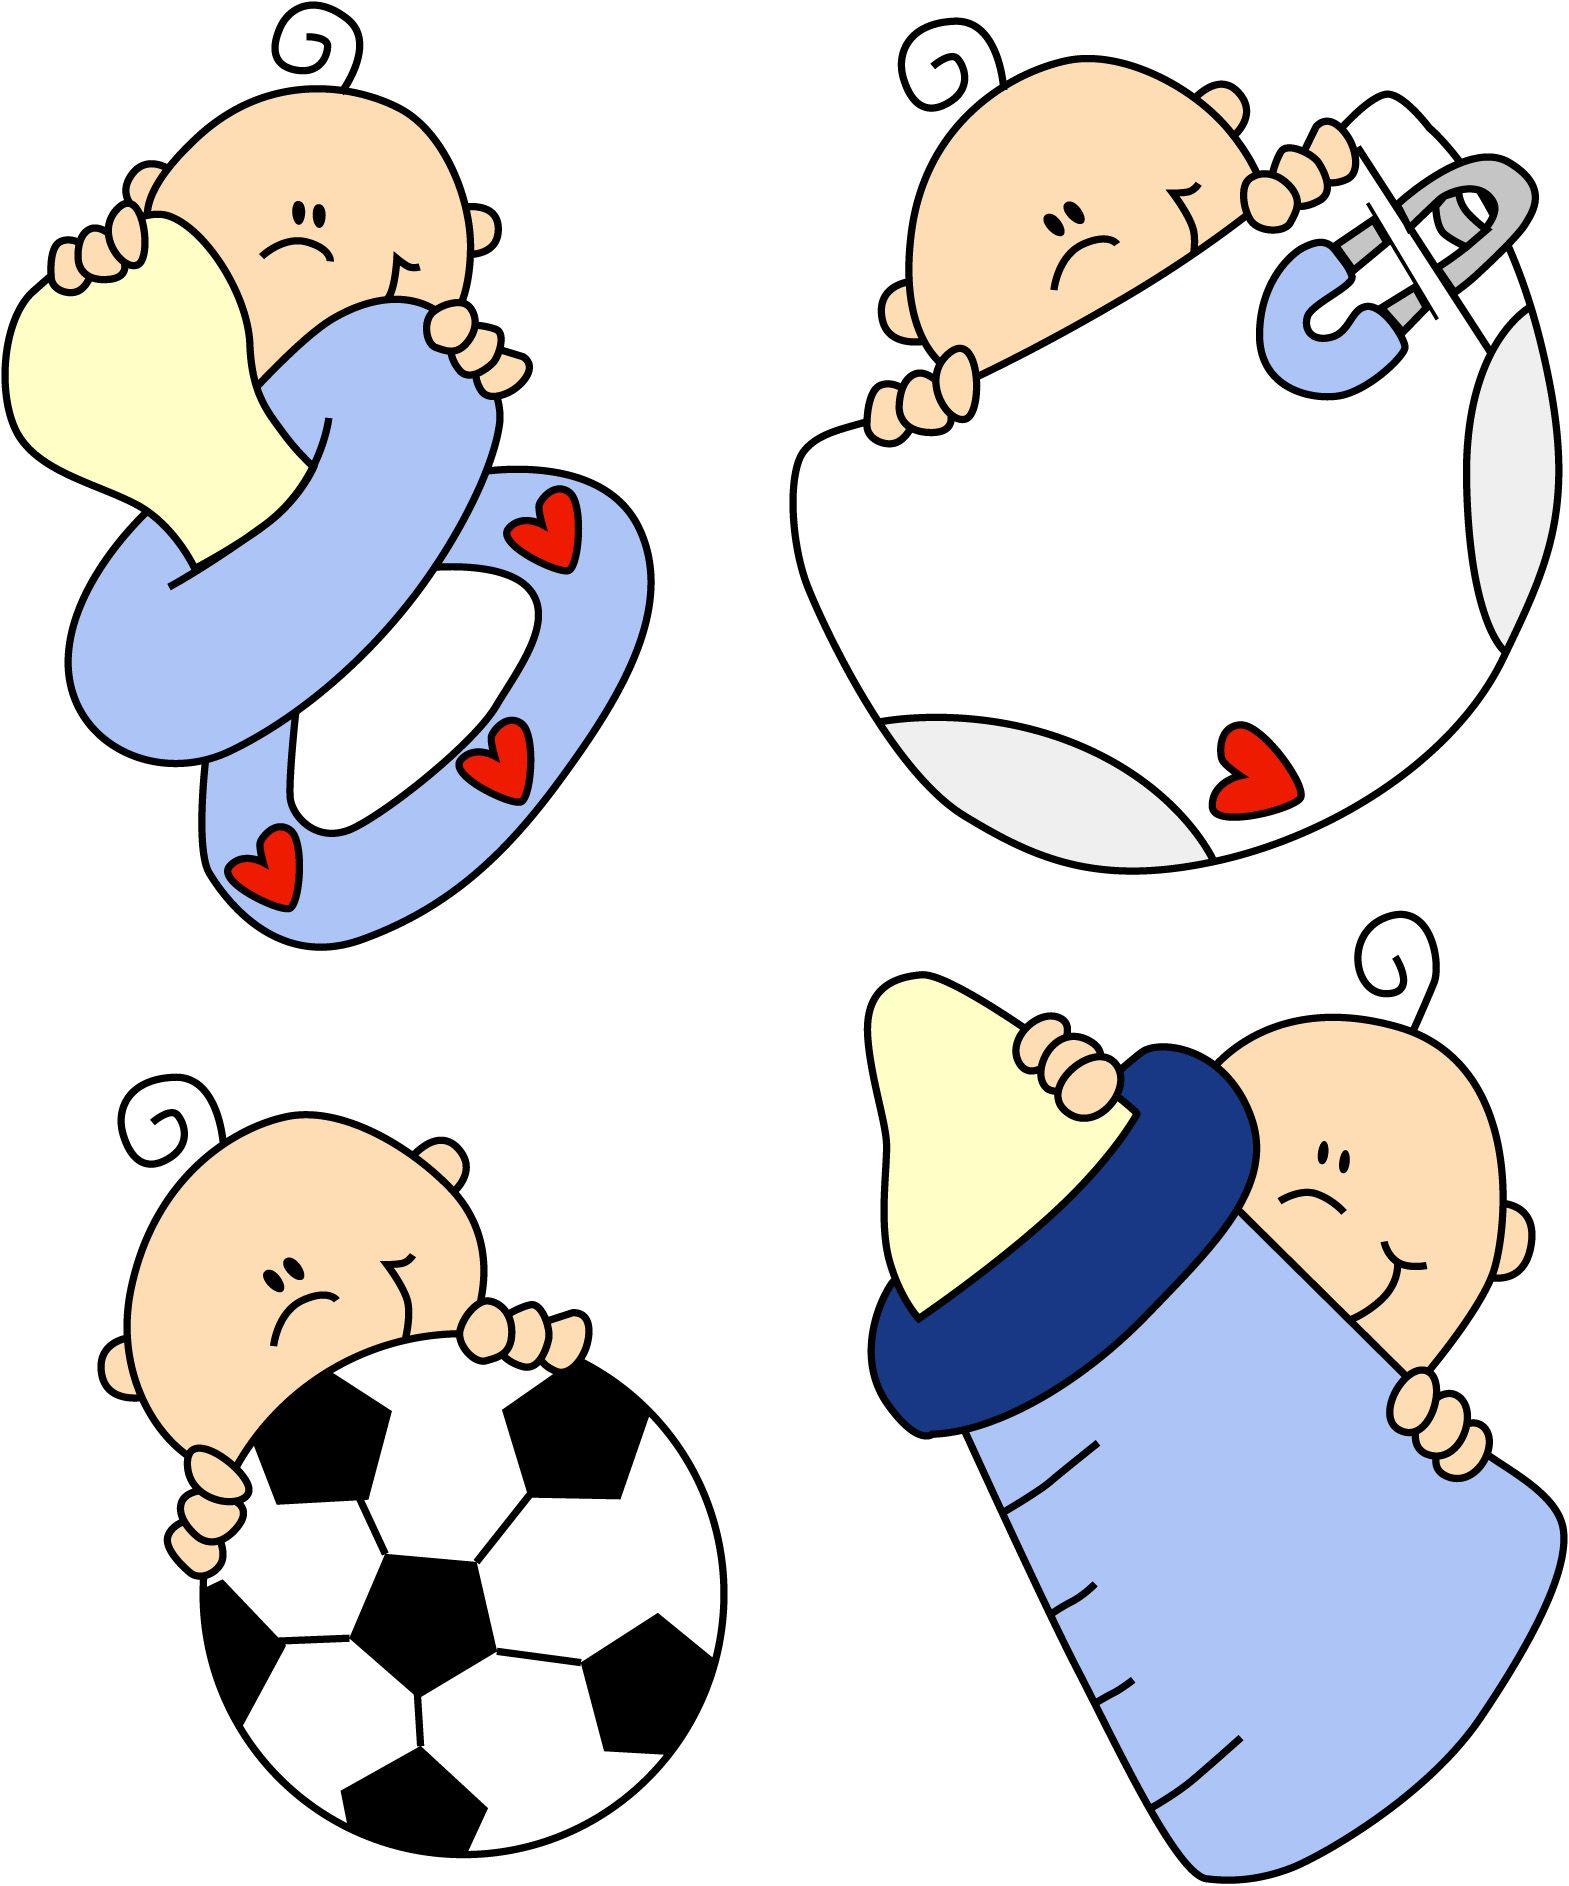 Imagenes tiernas de bebes animadas para baby shower - Dibujos pared bebe ...